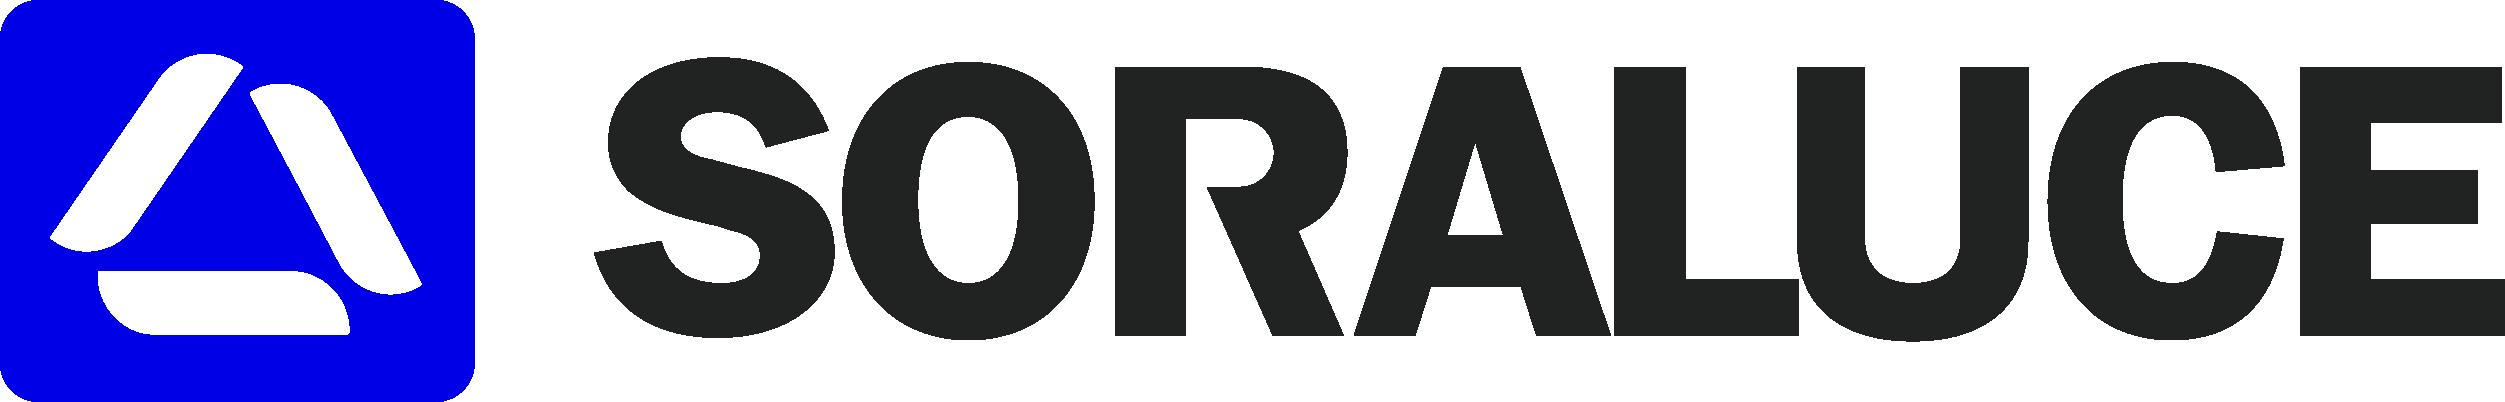 Цветной логотип SORALUCE